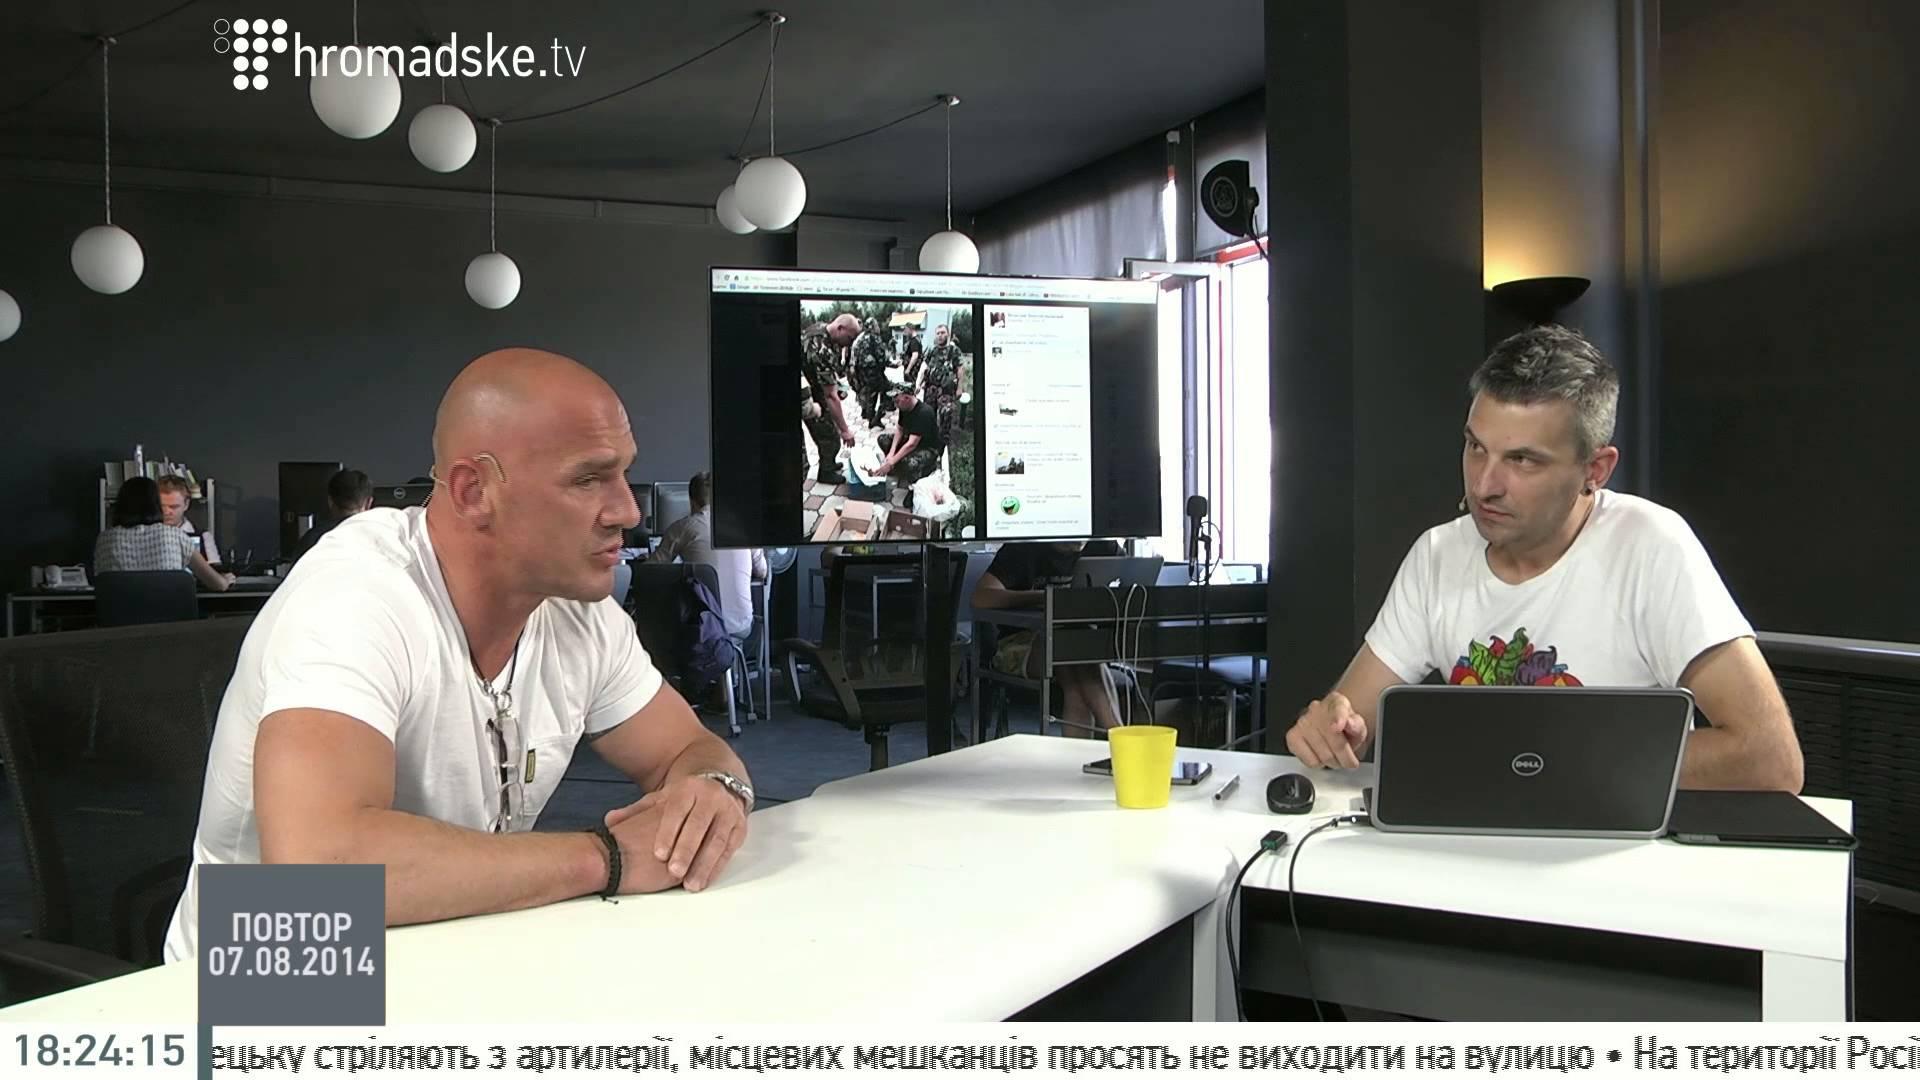 Константіновський, який продавав Ролс-Ройс, тримає мільйони в сховищі